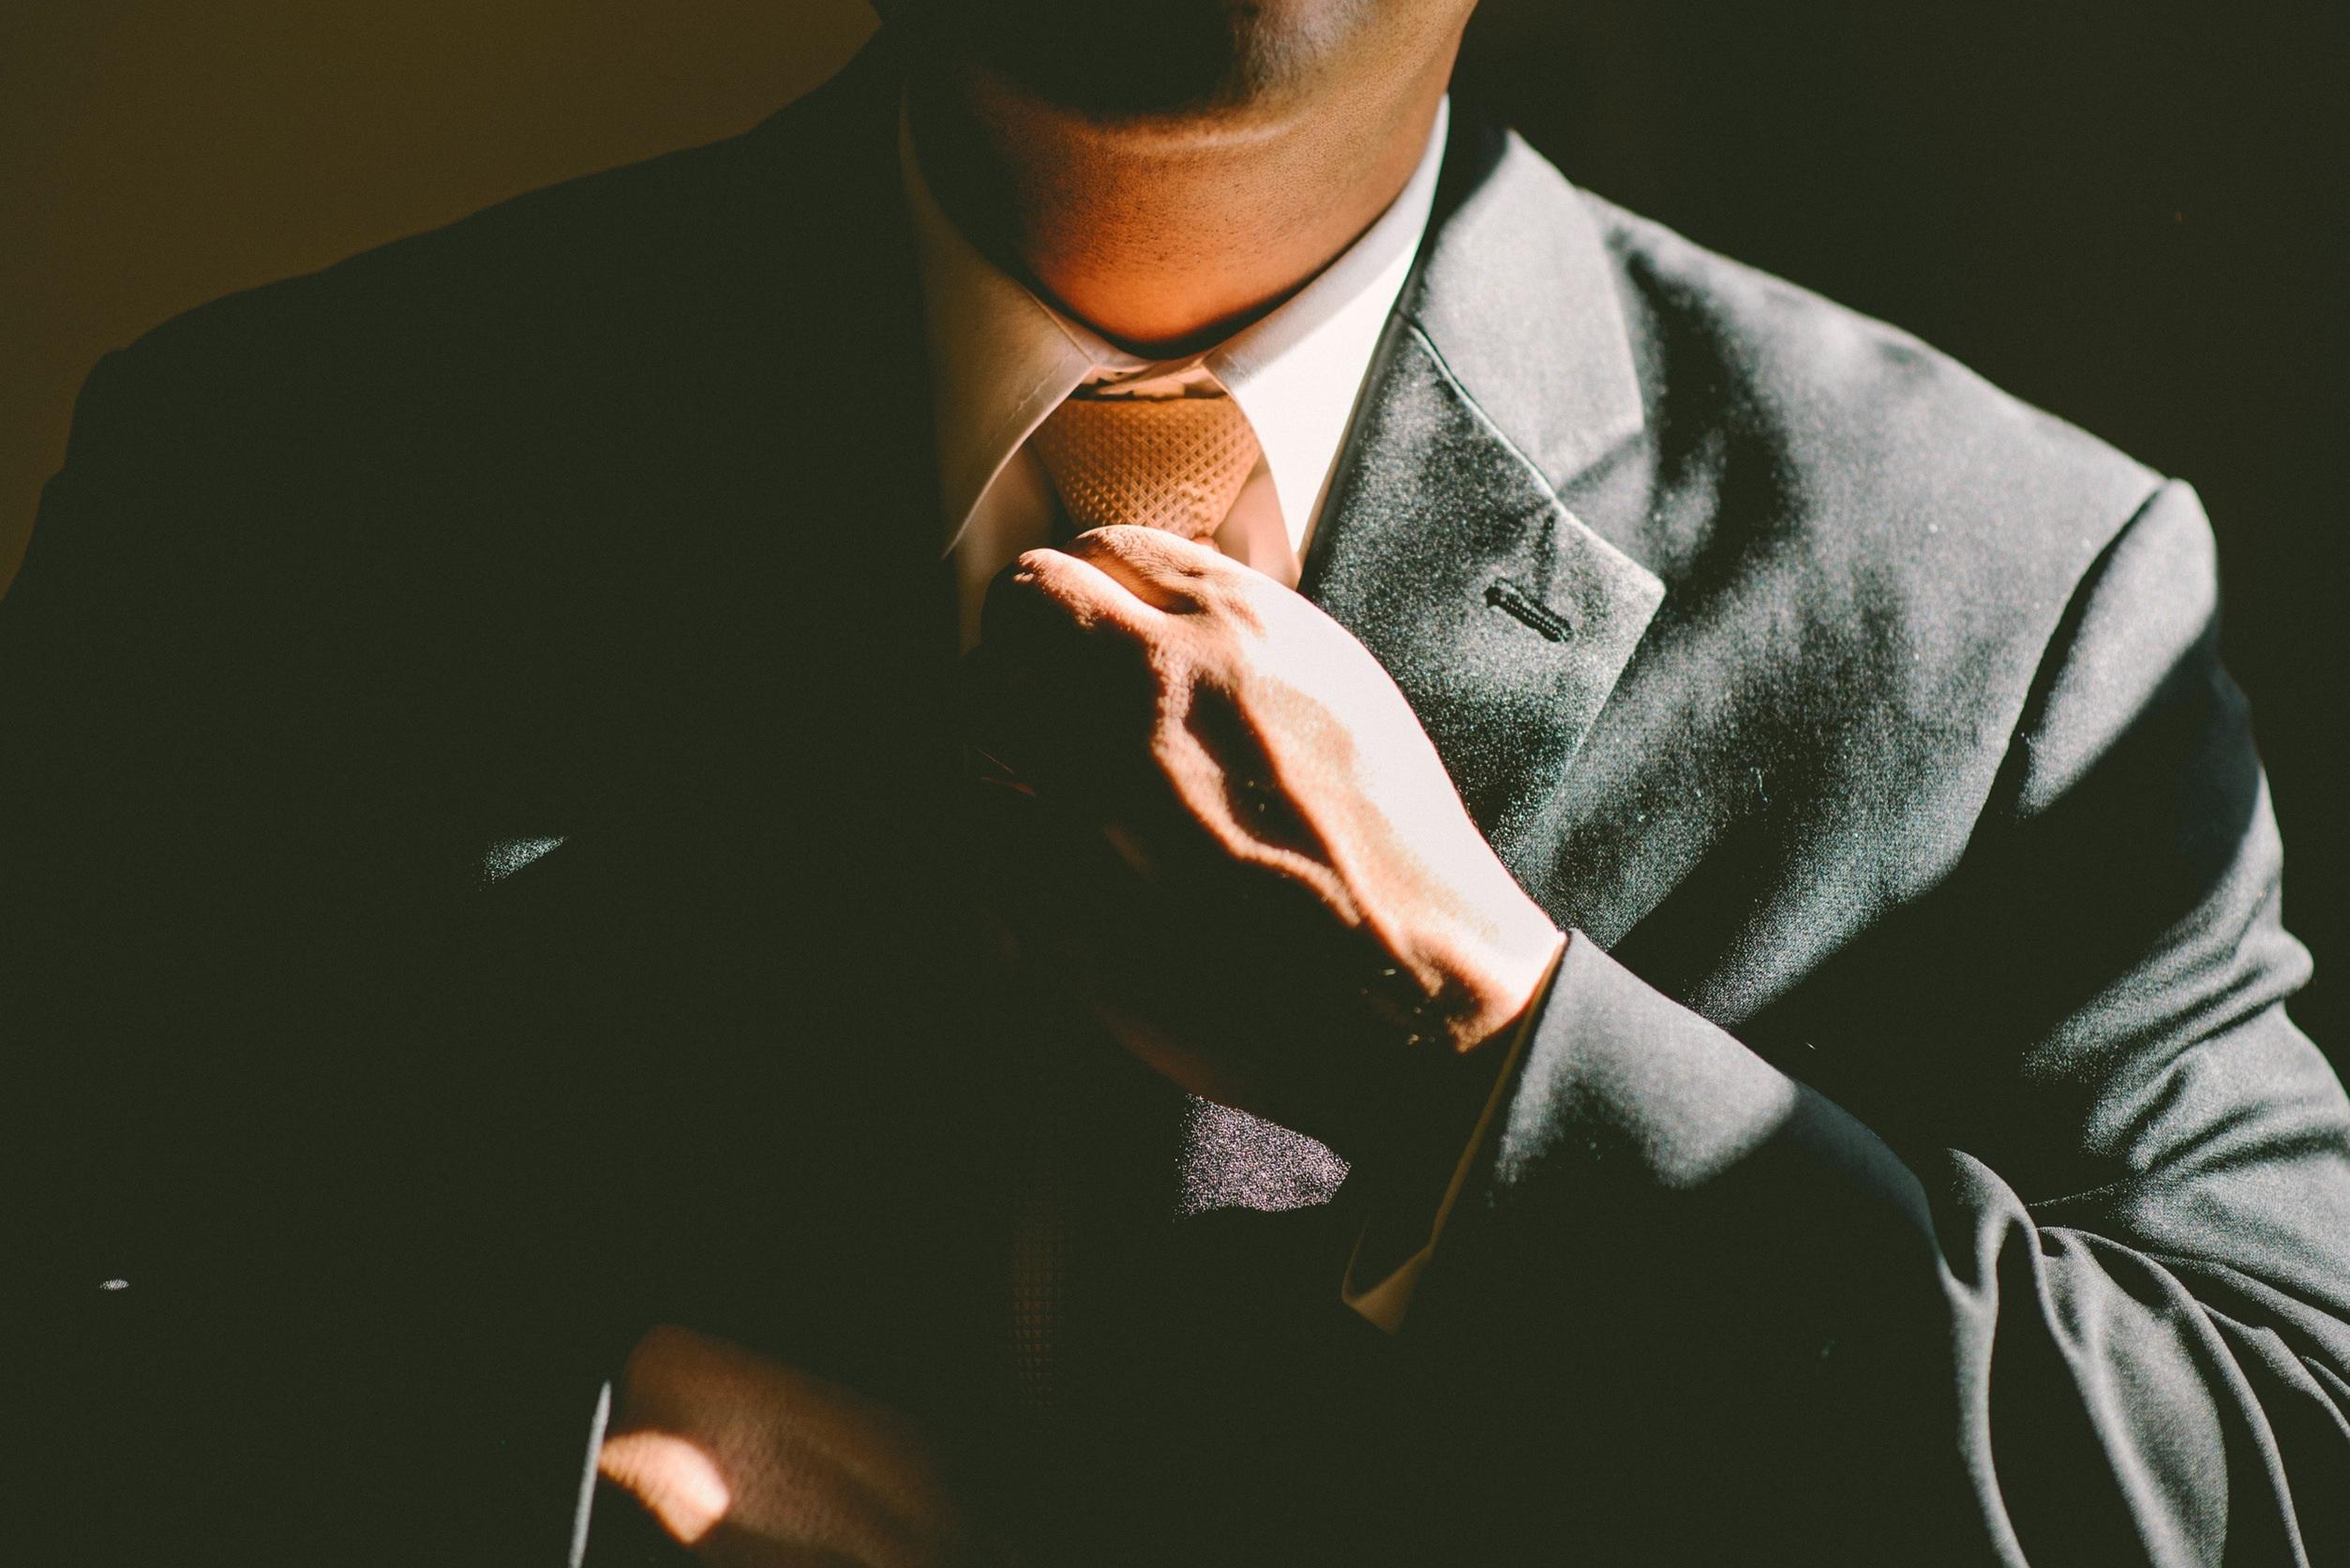 10 Regeln für dein persönliches Fortkommen - Dein Auftreten in der Wirtschaftswelt - JURALERNPLAN Jura Lernplan Studium Examen